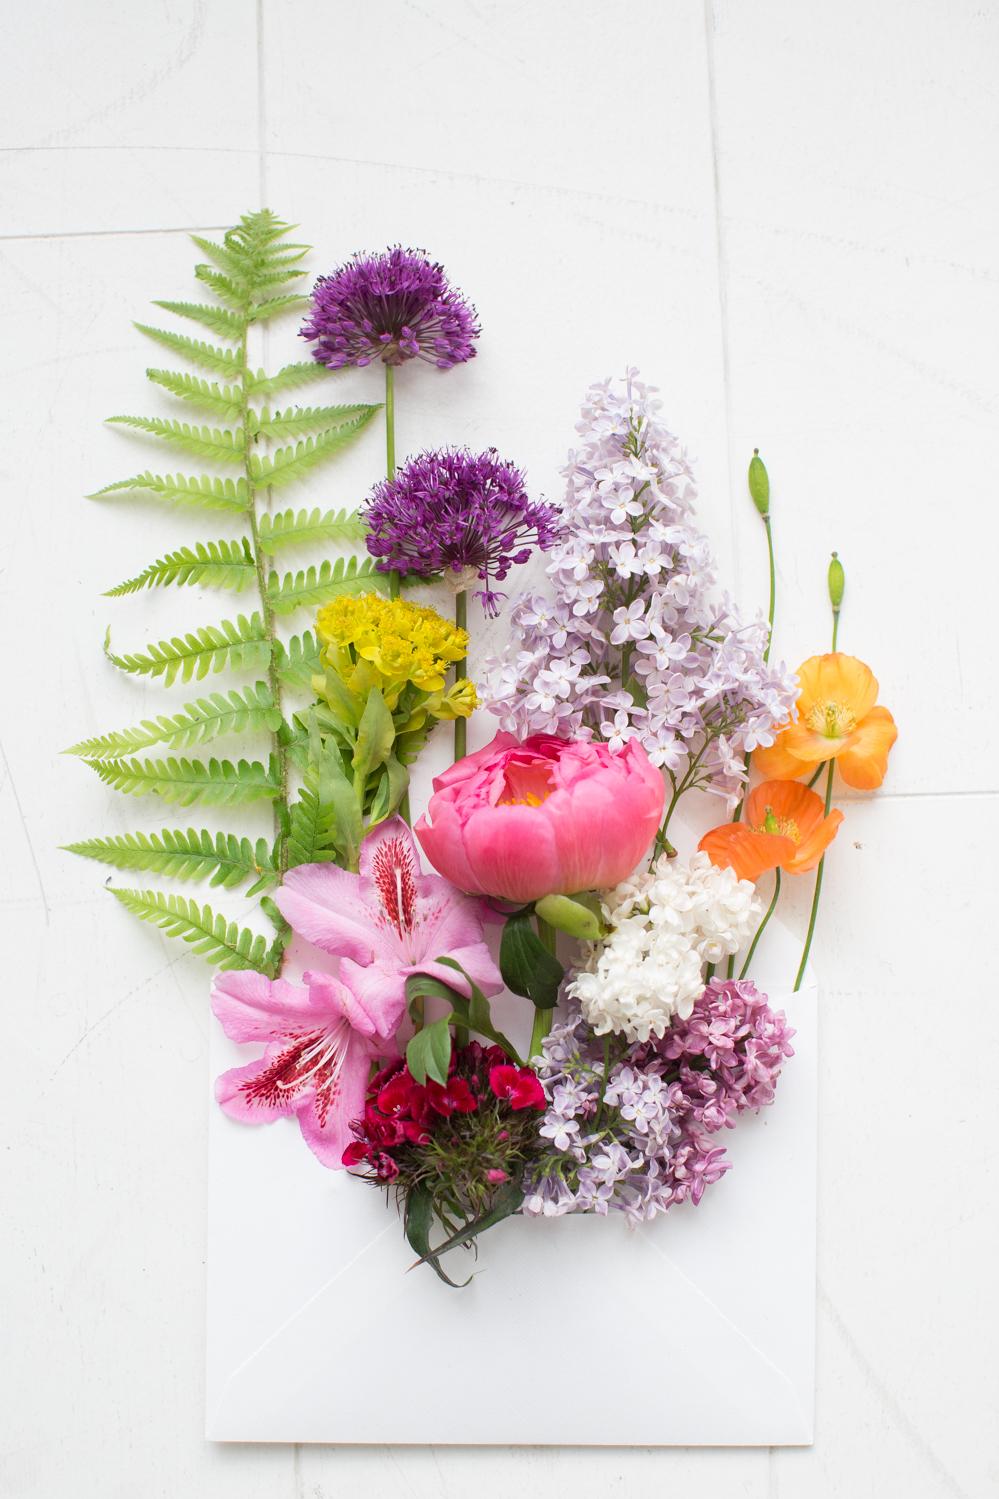 Blume-des-Monats-05-2016-208.jpg